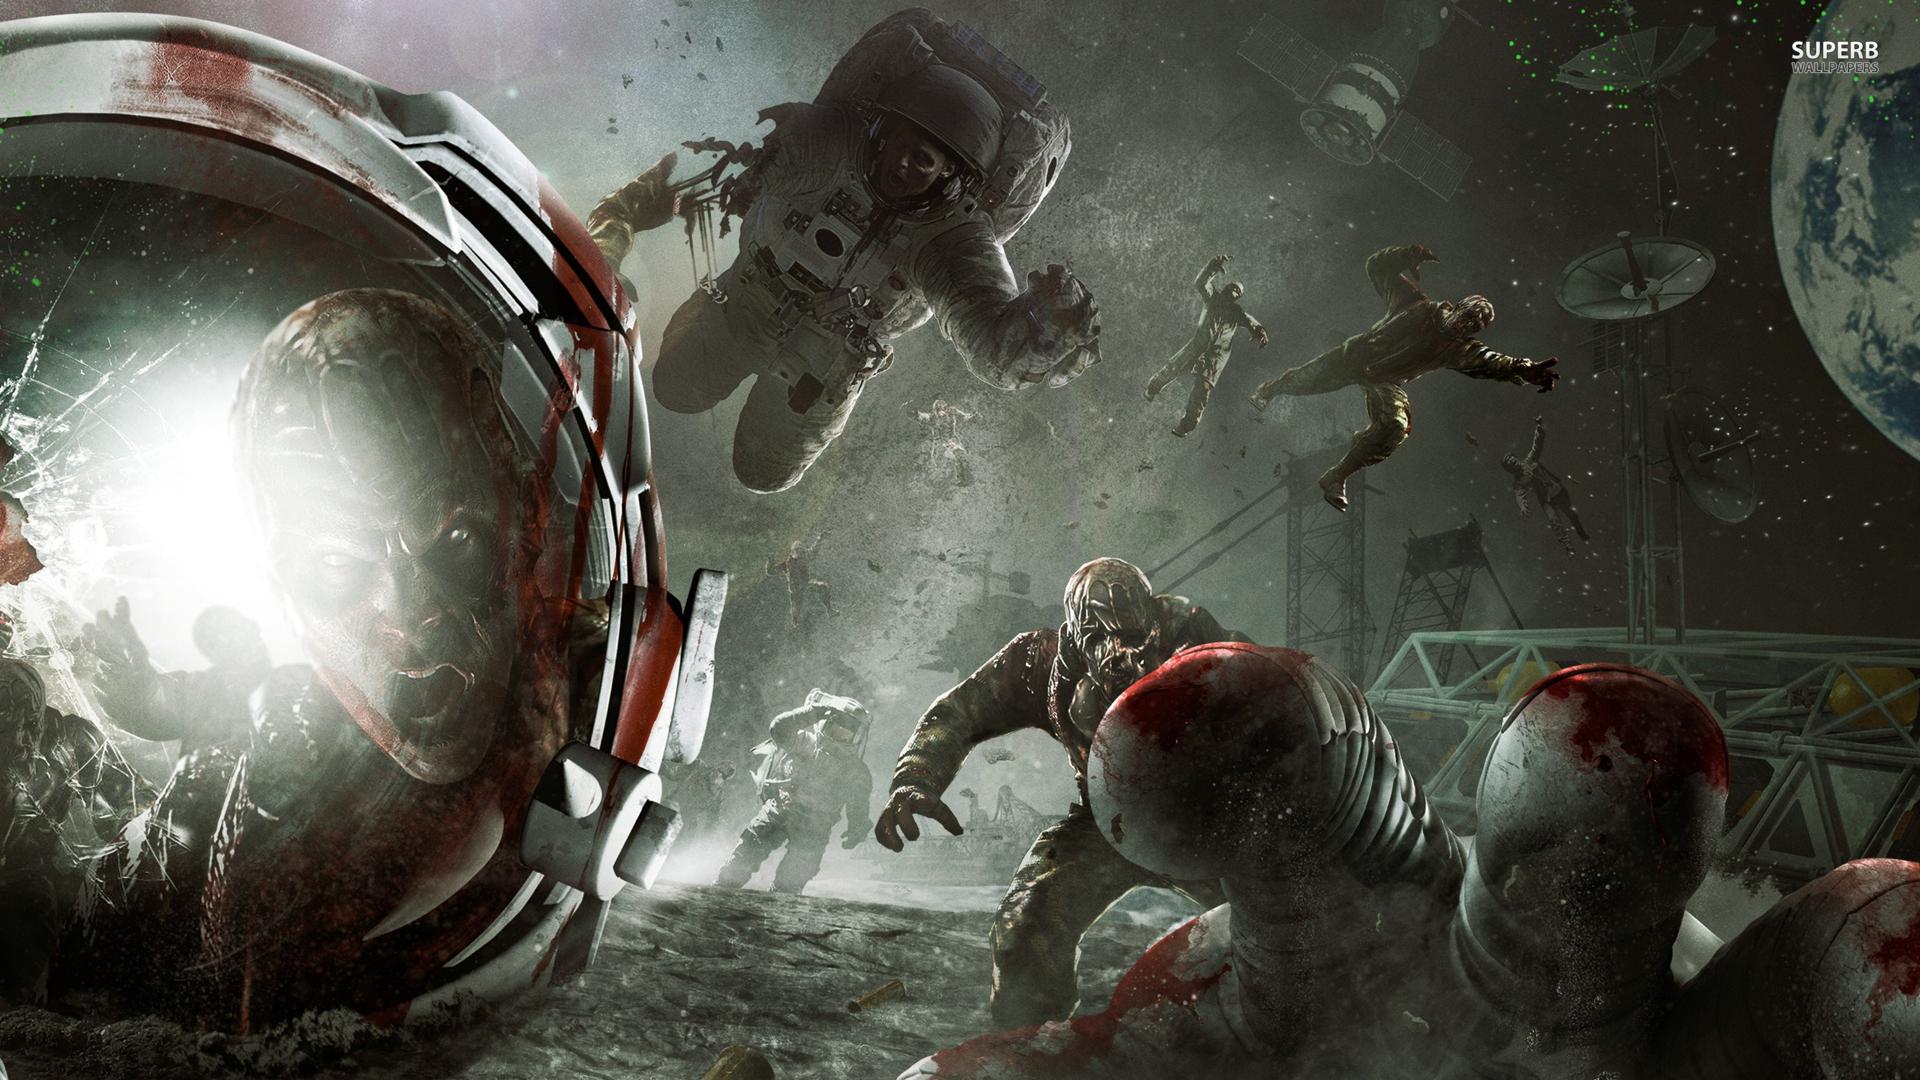 Black Ops Zombies Wallpaper 1080p - WallpaperSafari